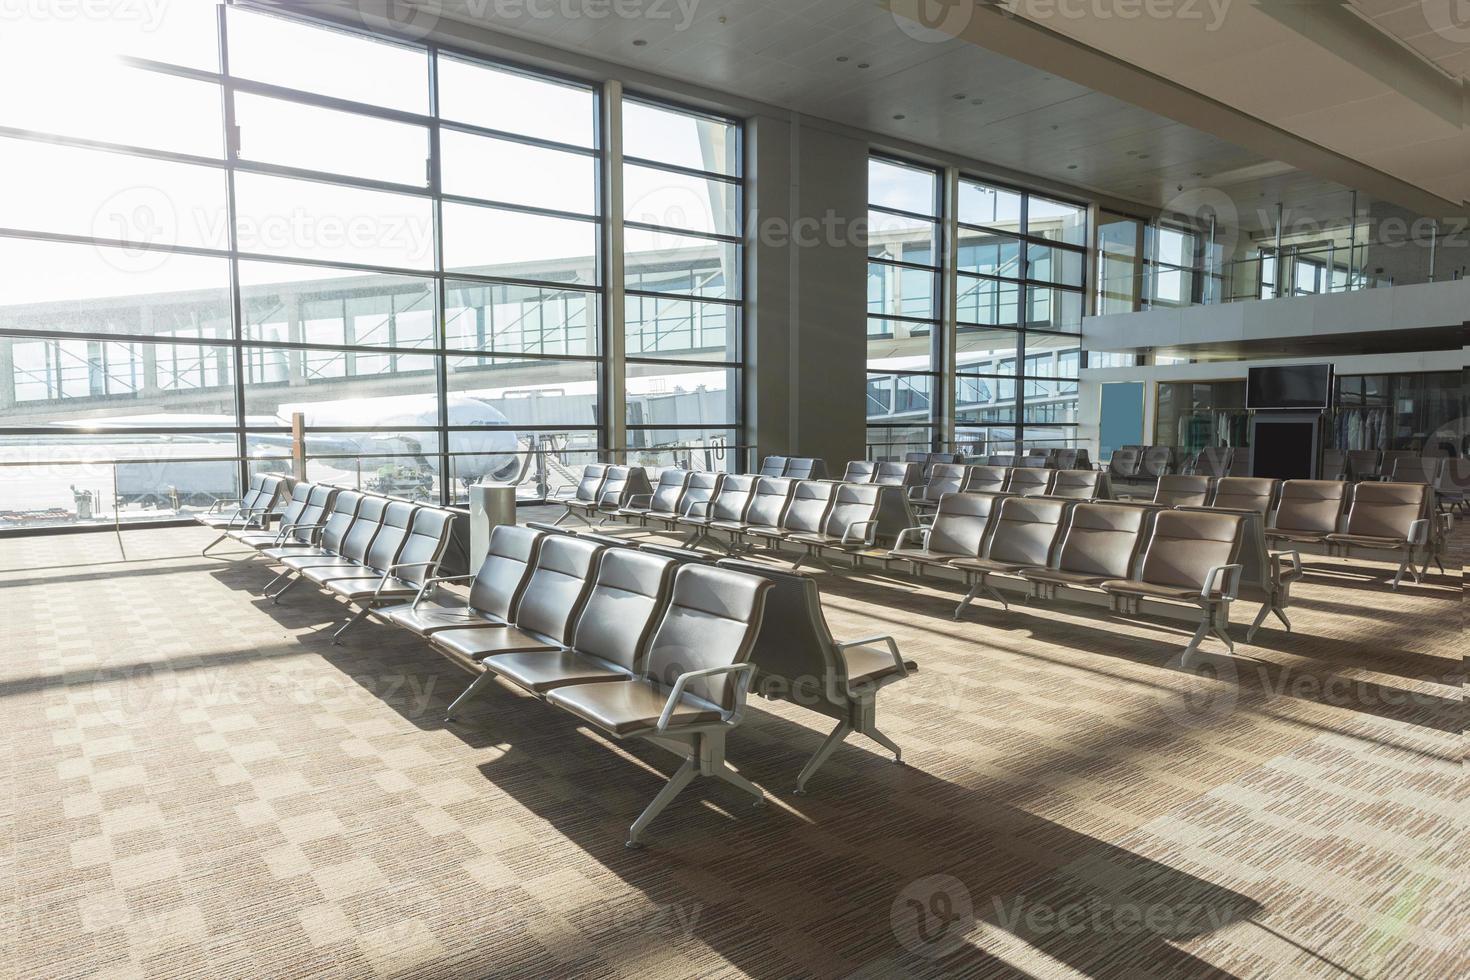 intérieur du couloir de l'aéroport photo